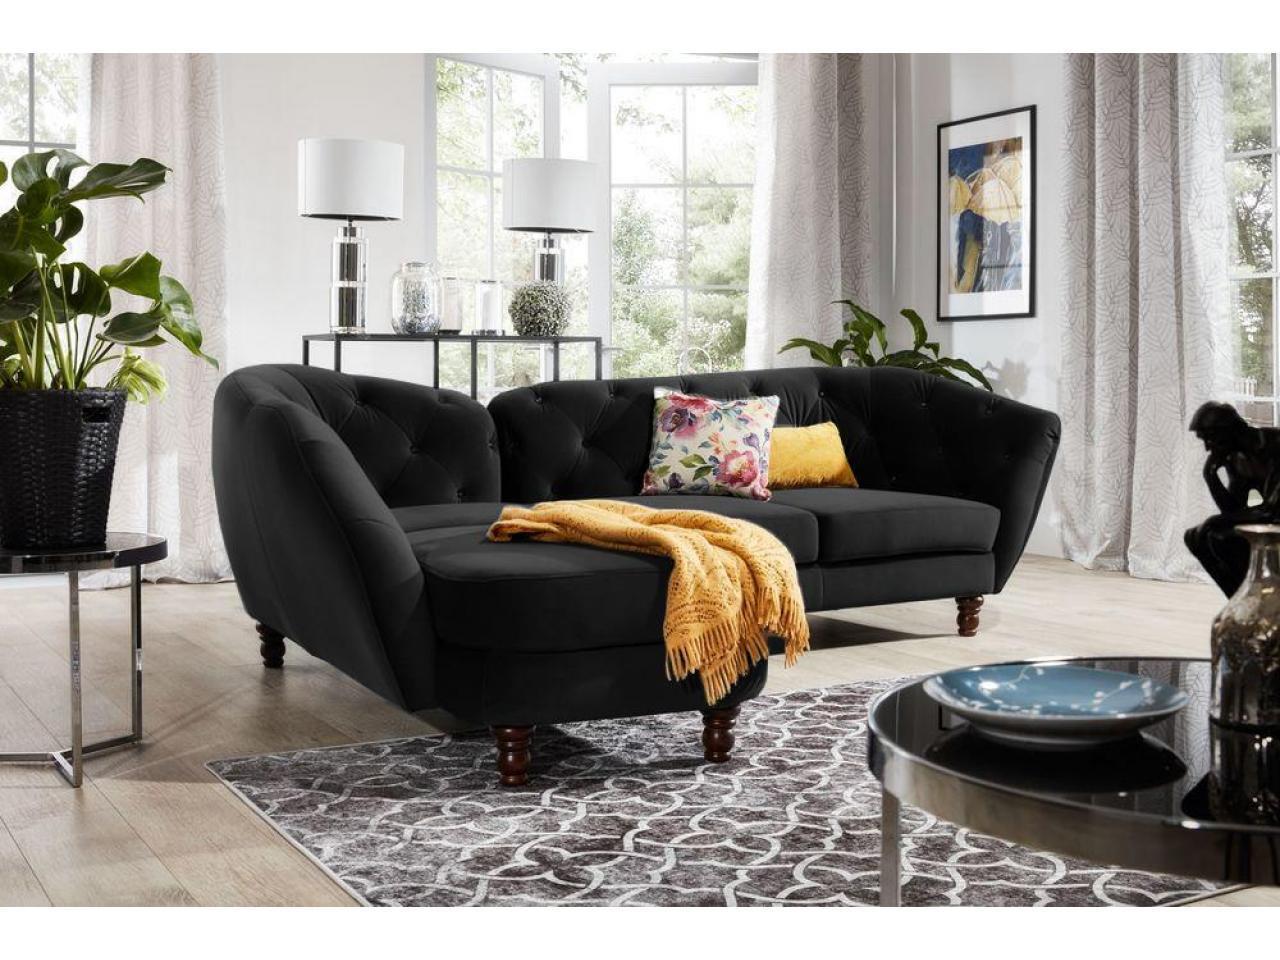 Furnipol-Польская мебель для дома с доставкой - 8